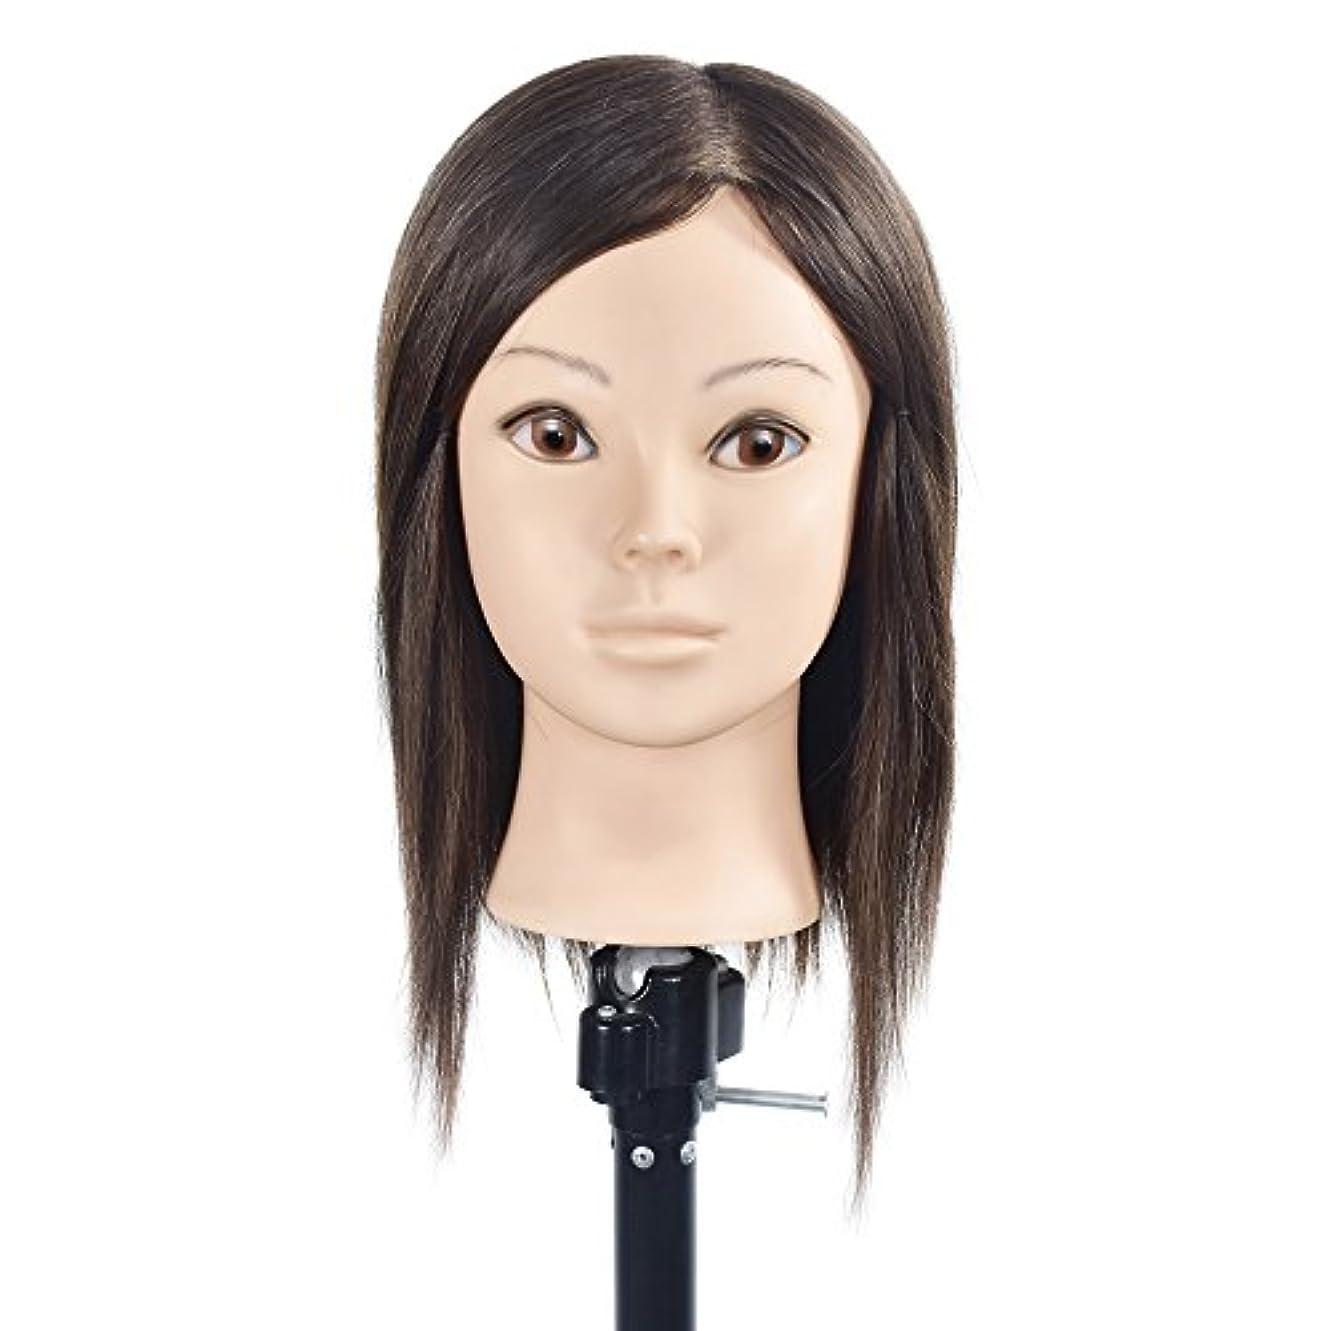 世界記録のギネスブック発音広いトレーニングヘッド美容師100%リアルヒューマンヘアスタイリングマニアックマネキン人形(フリーテーブルクランプ付)